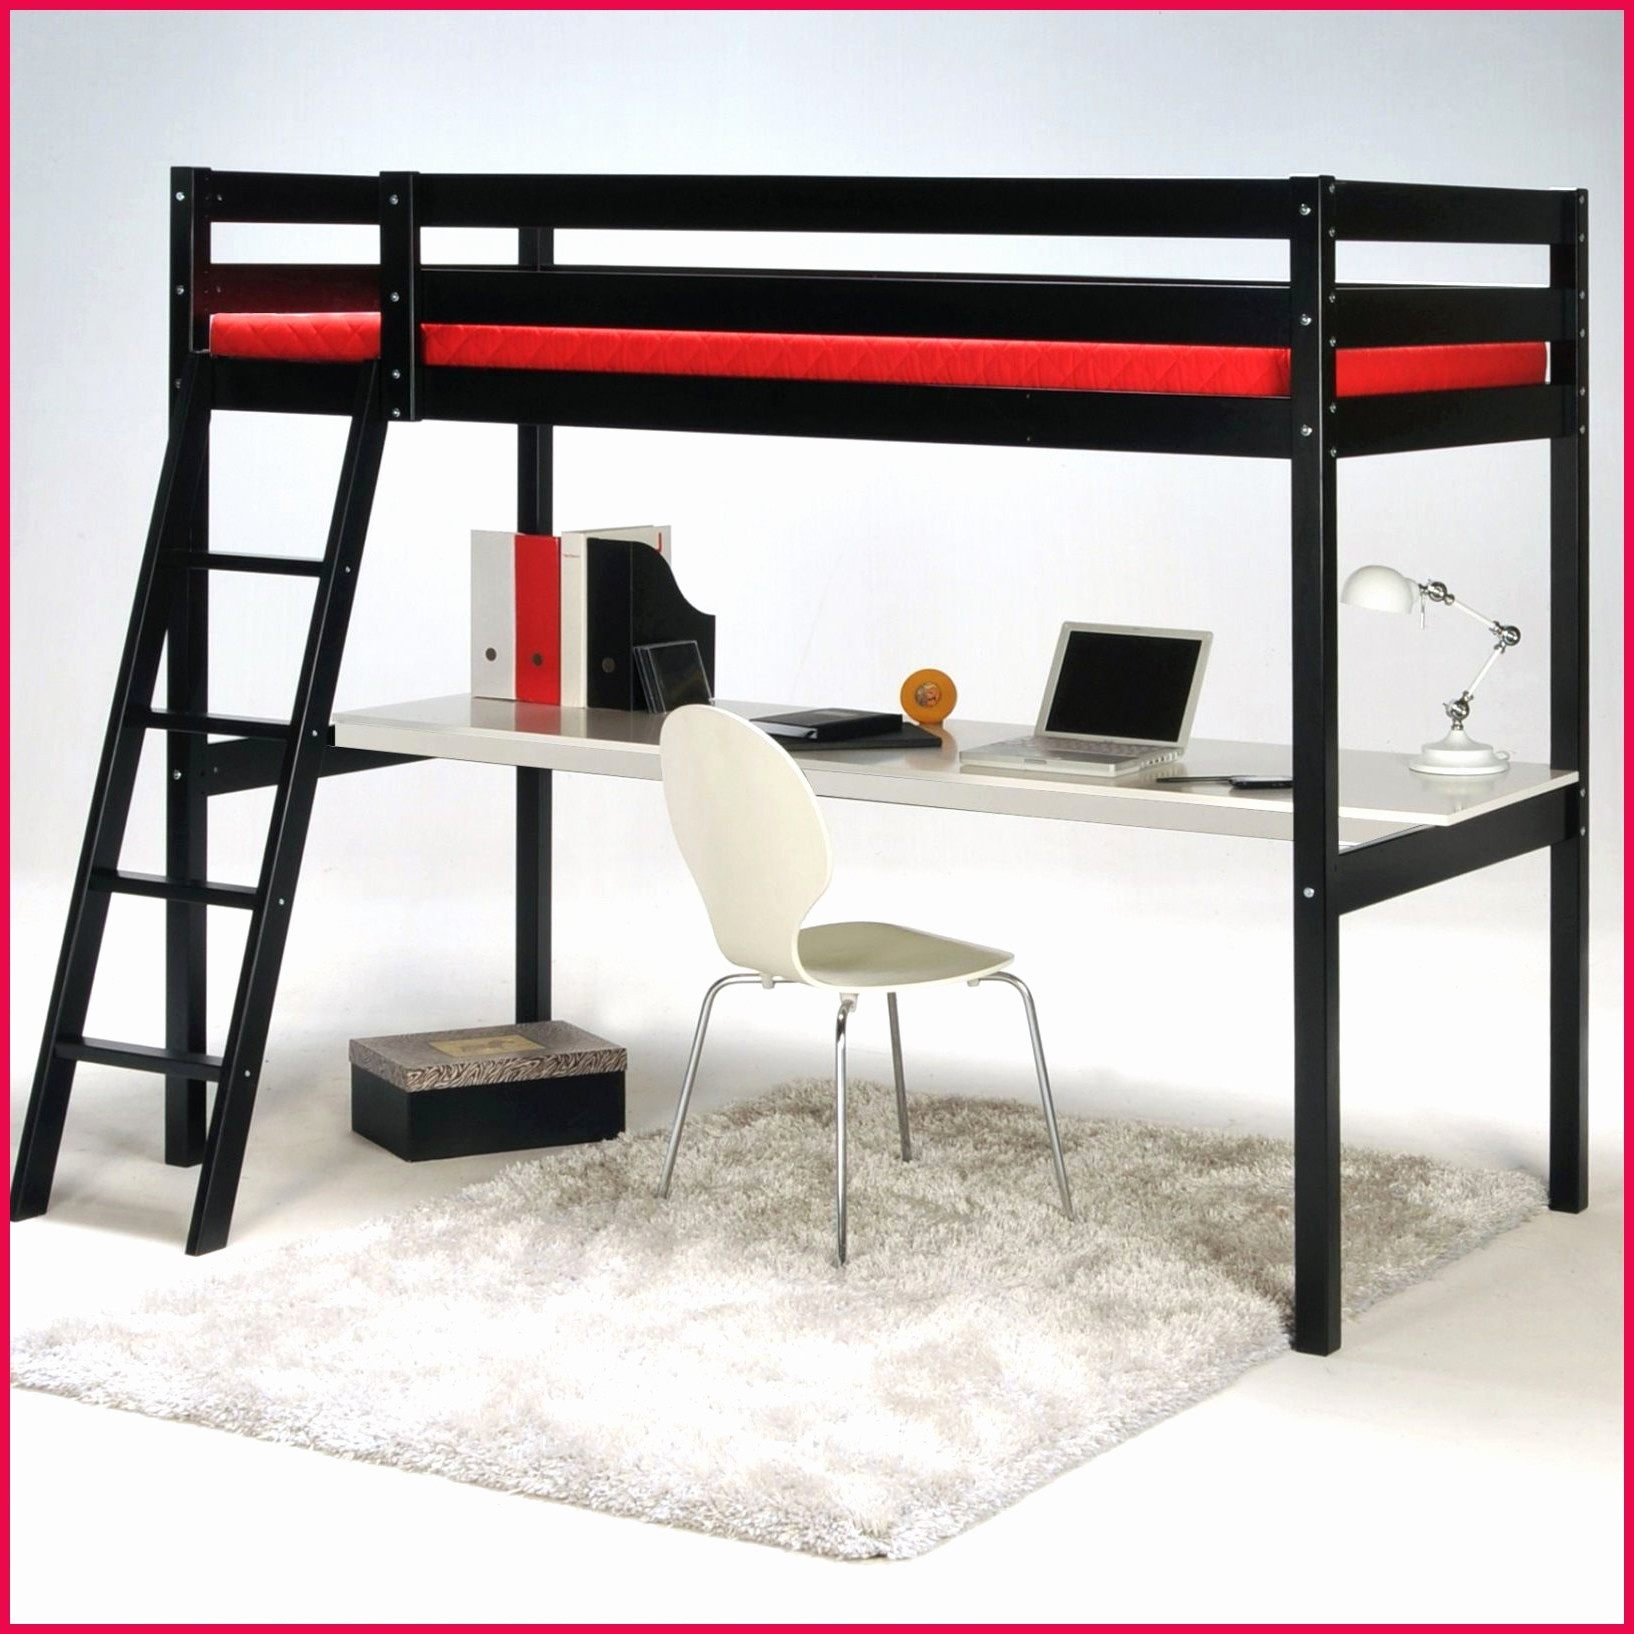 Lit Mezzanine Pour Enfant Bel Lit Mi Haut Enfant Lit Mezzanine Design Lit Mezzanine Design Unique